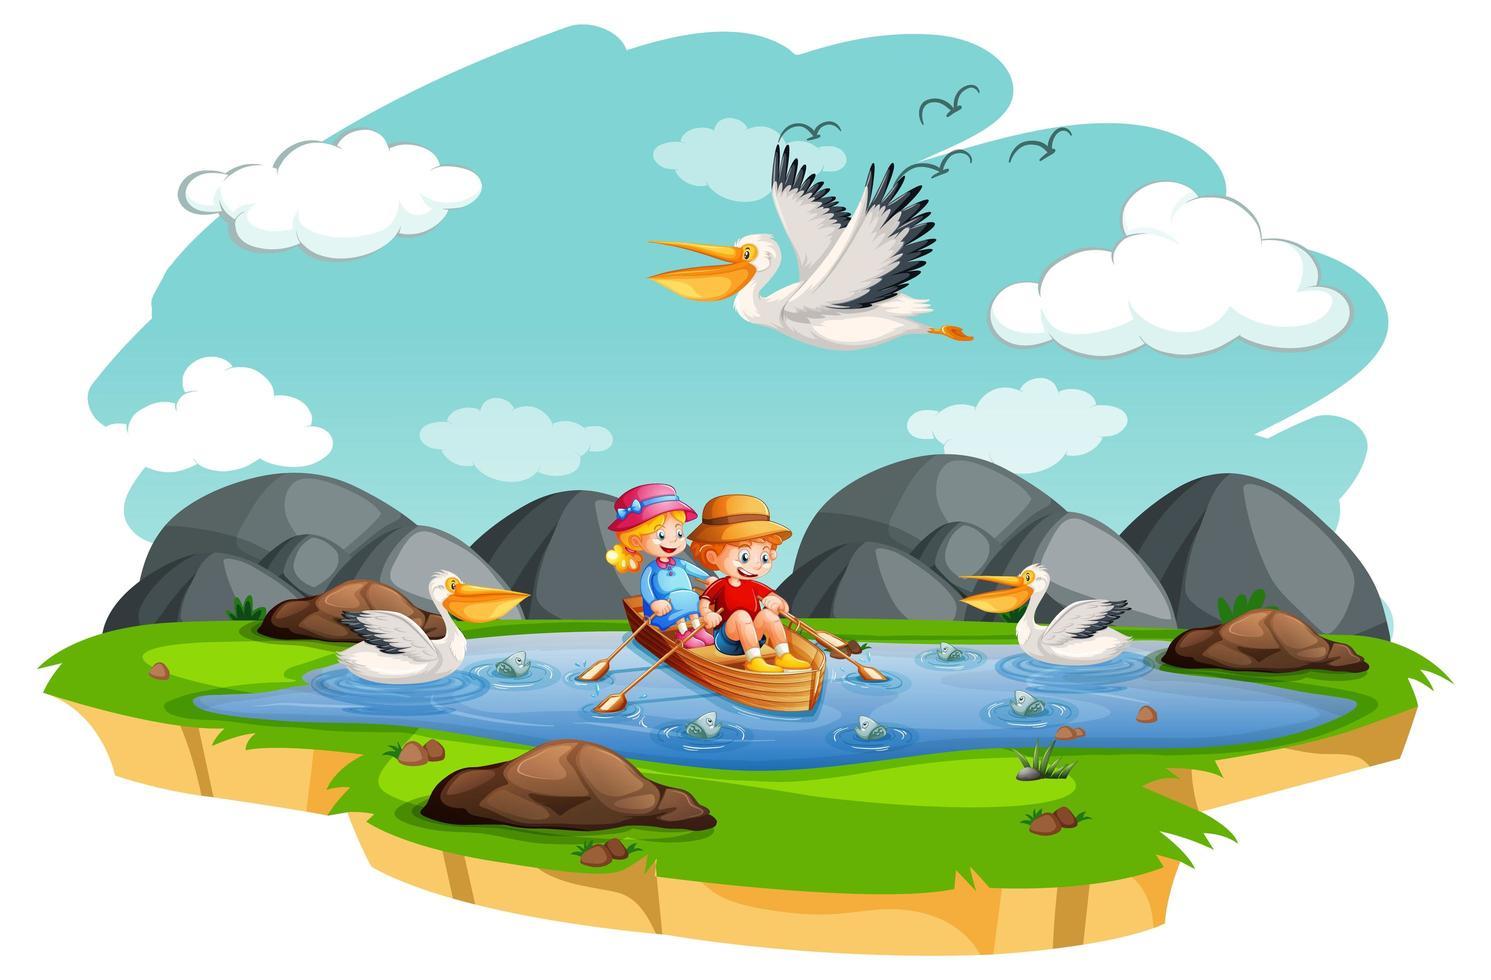 kinderen roeien de boot in de streamscène op een witte achtergrond vector